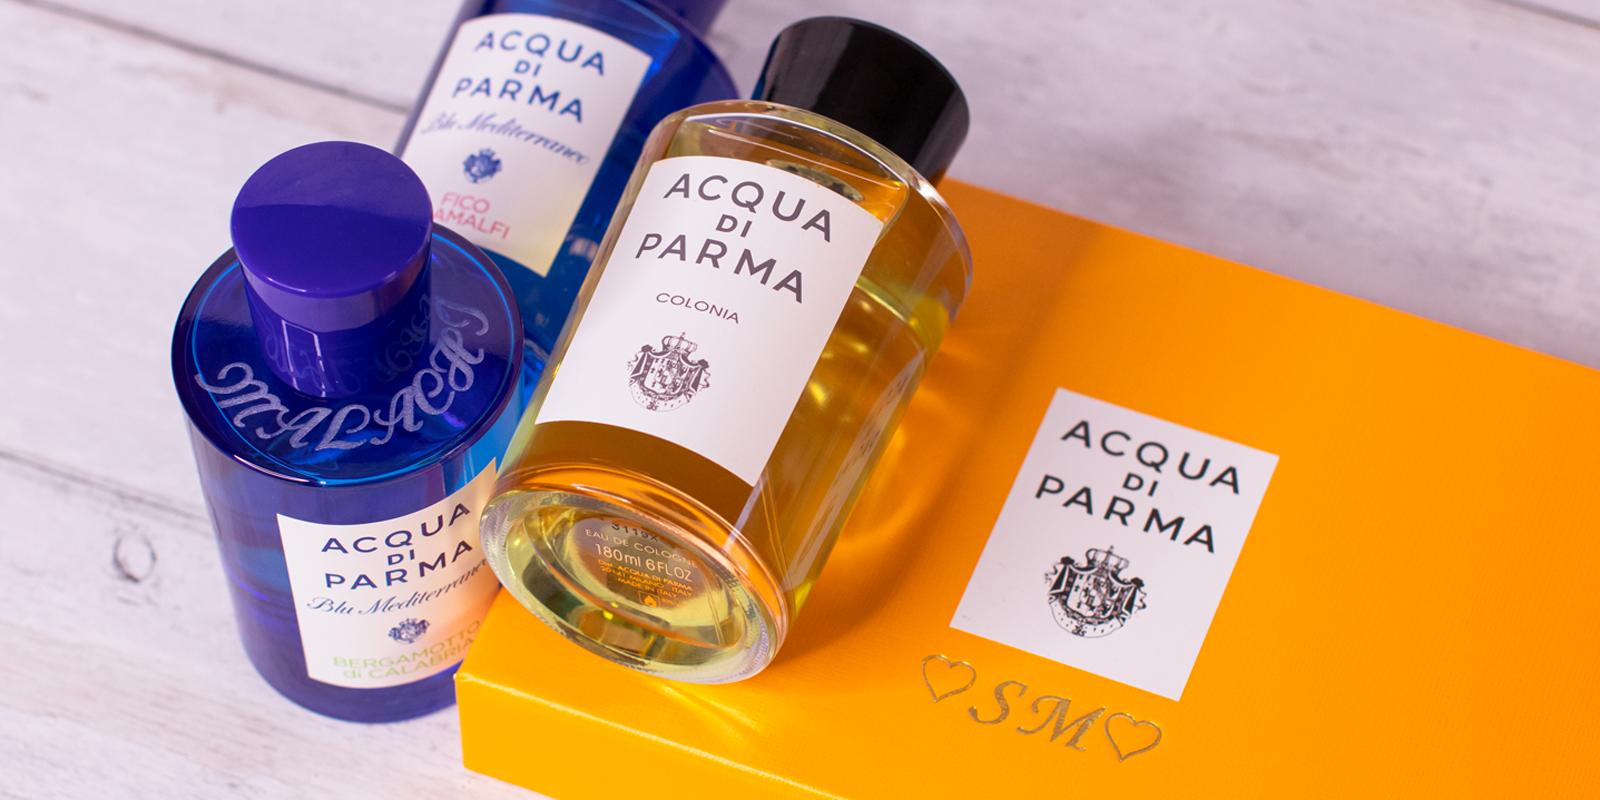 Acqua di Parma for Summer